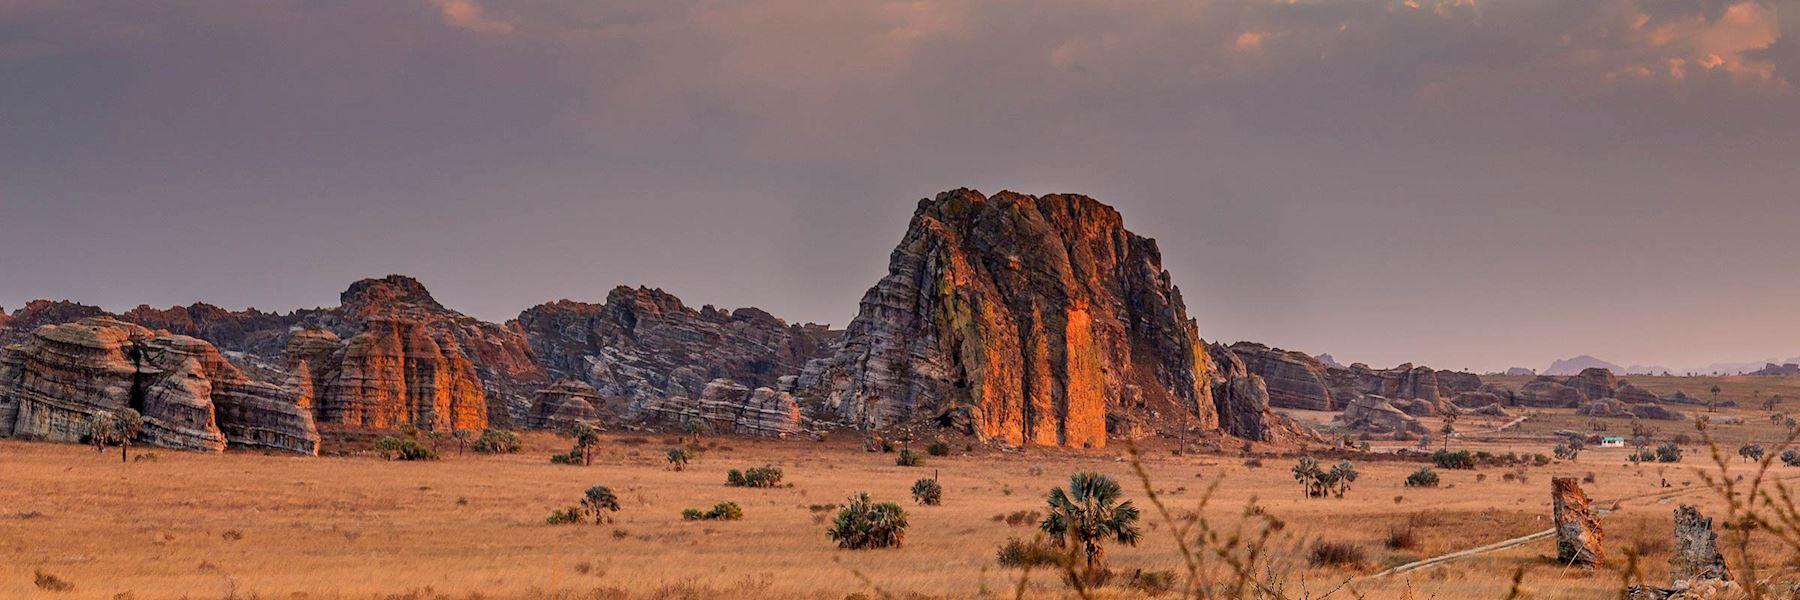 Madagascar travel guides